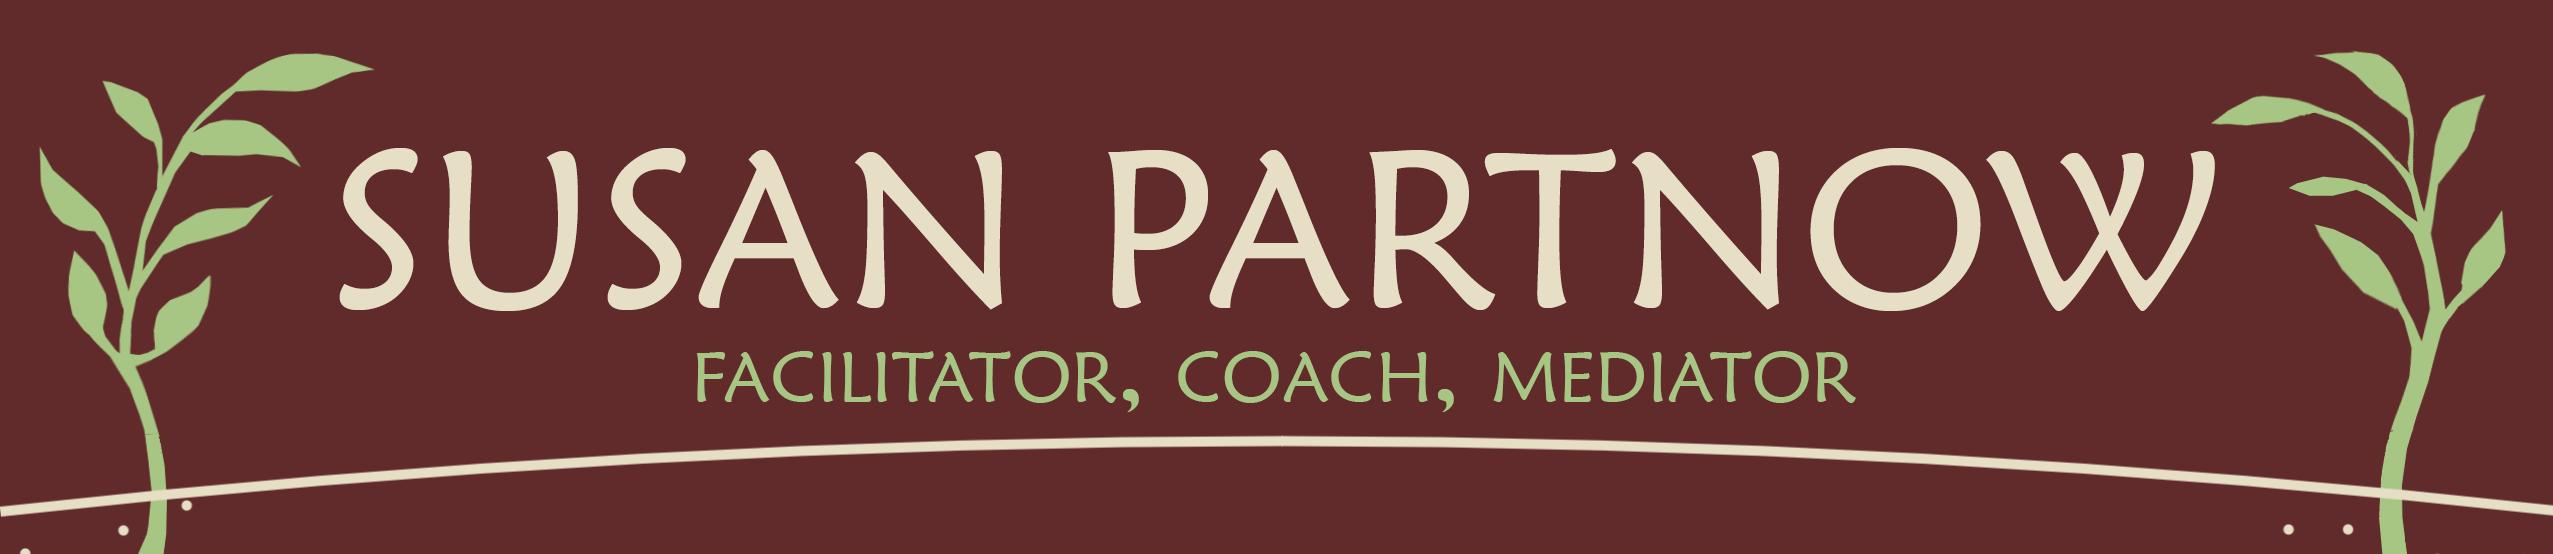 Susan Partnow: Facilitator, Coach, Mediator